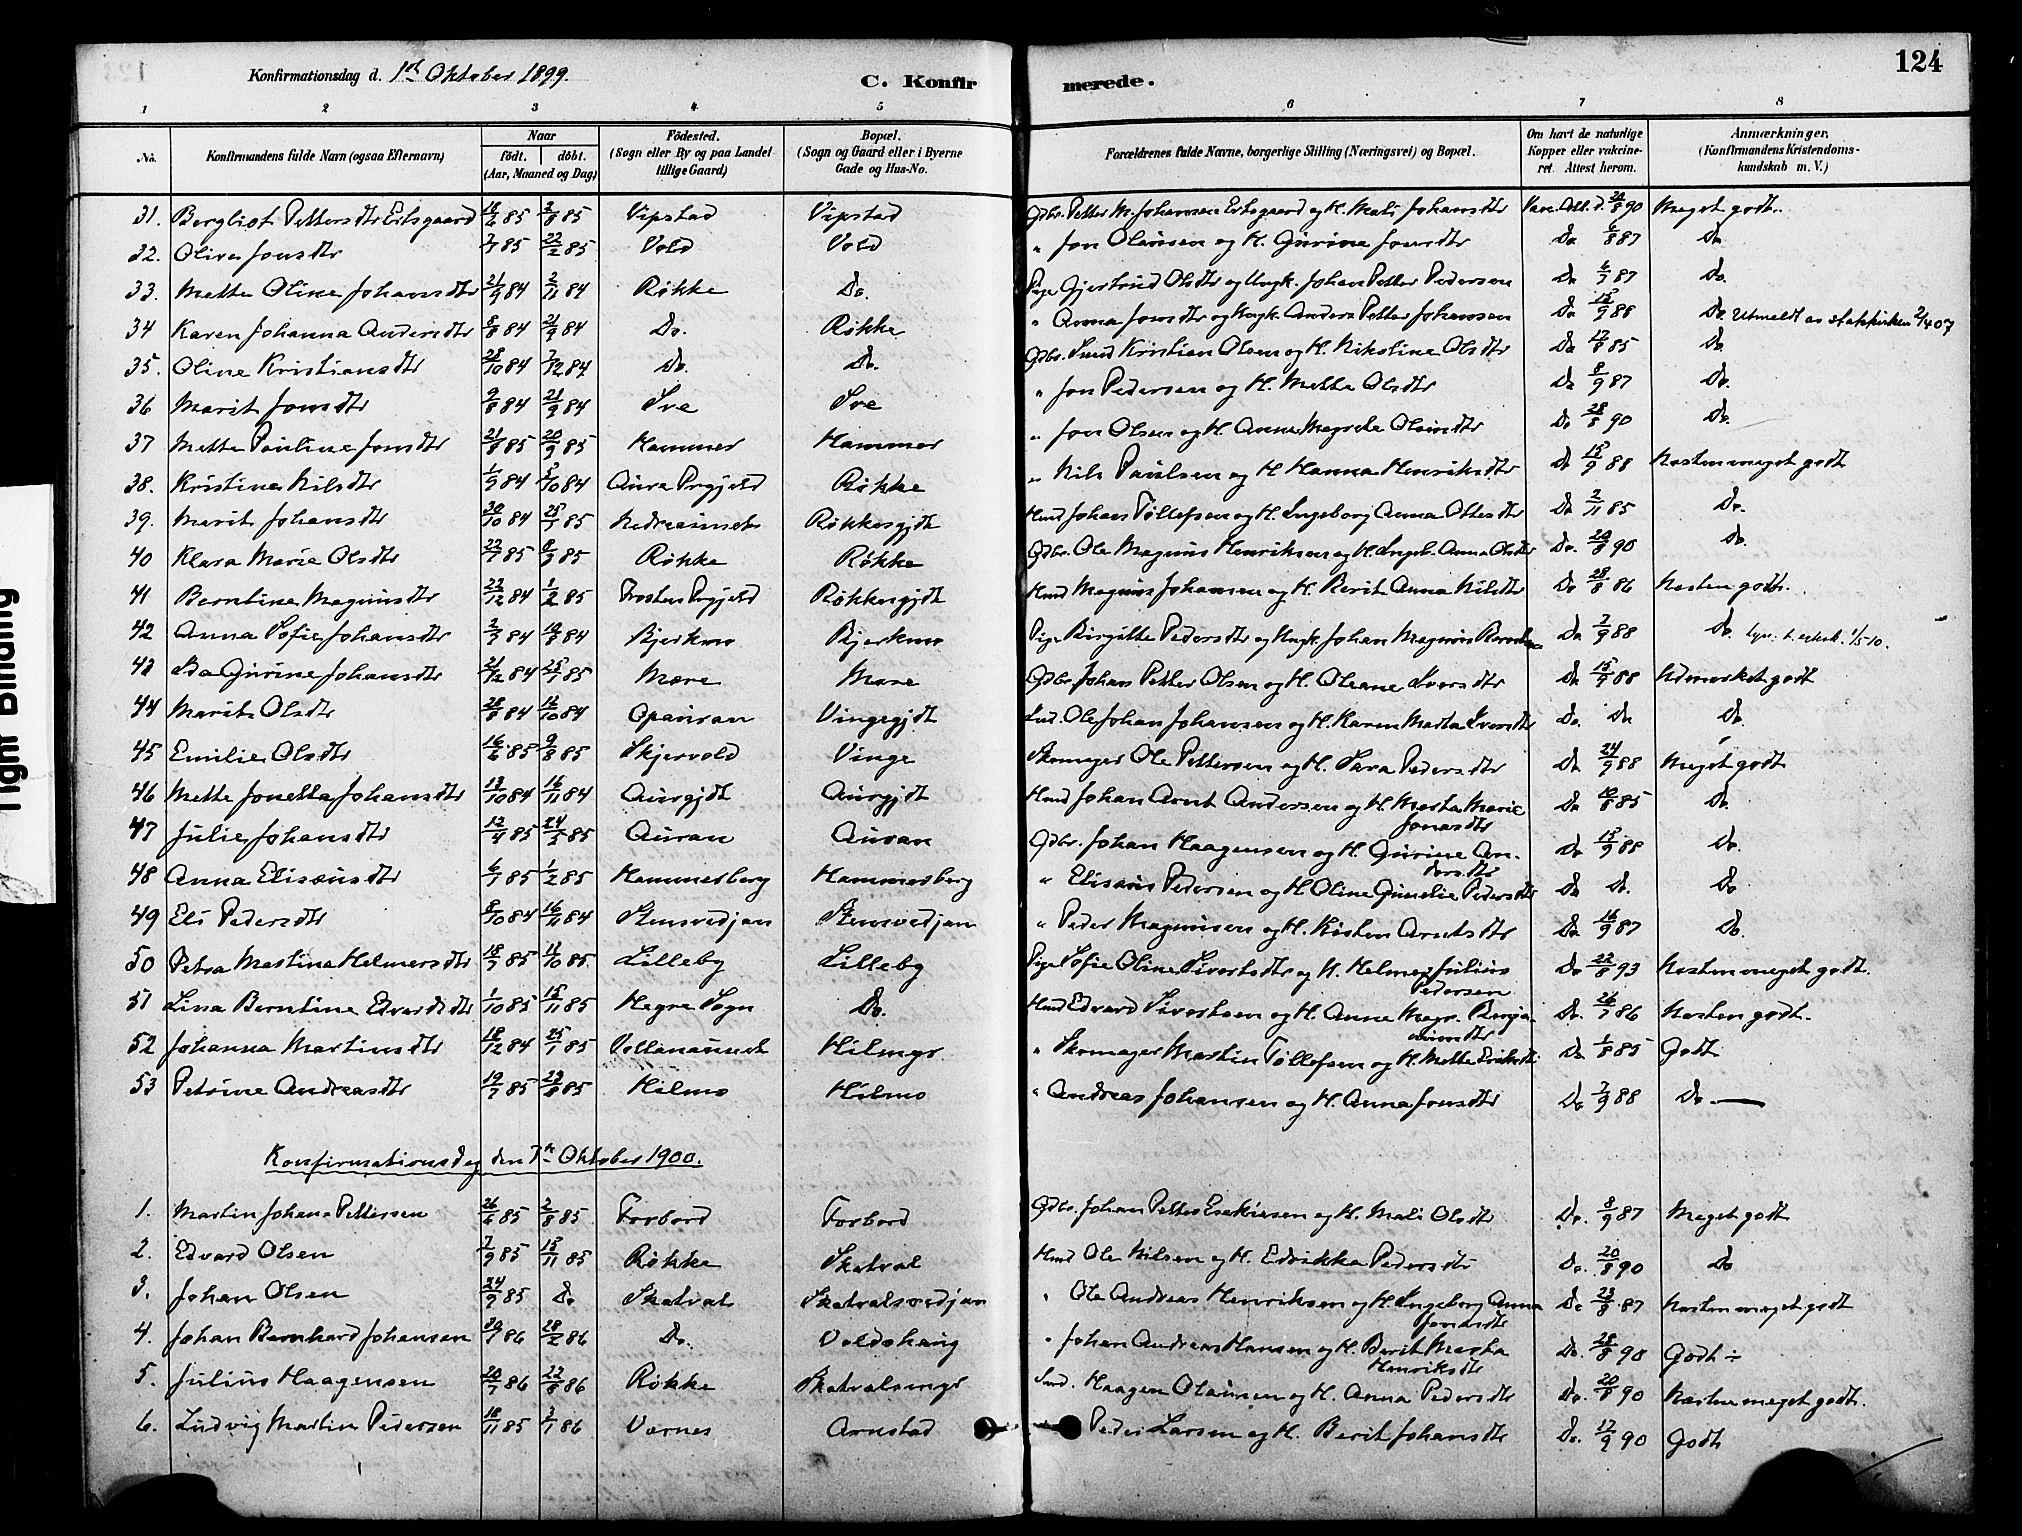 SAT, Ministerialprotokoller, klokkerbøker og fødselsregistre - Nord-Trøndelag, 712/L0100: Ministerialbok nr. 712A01, 1880-1900, s. 124